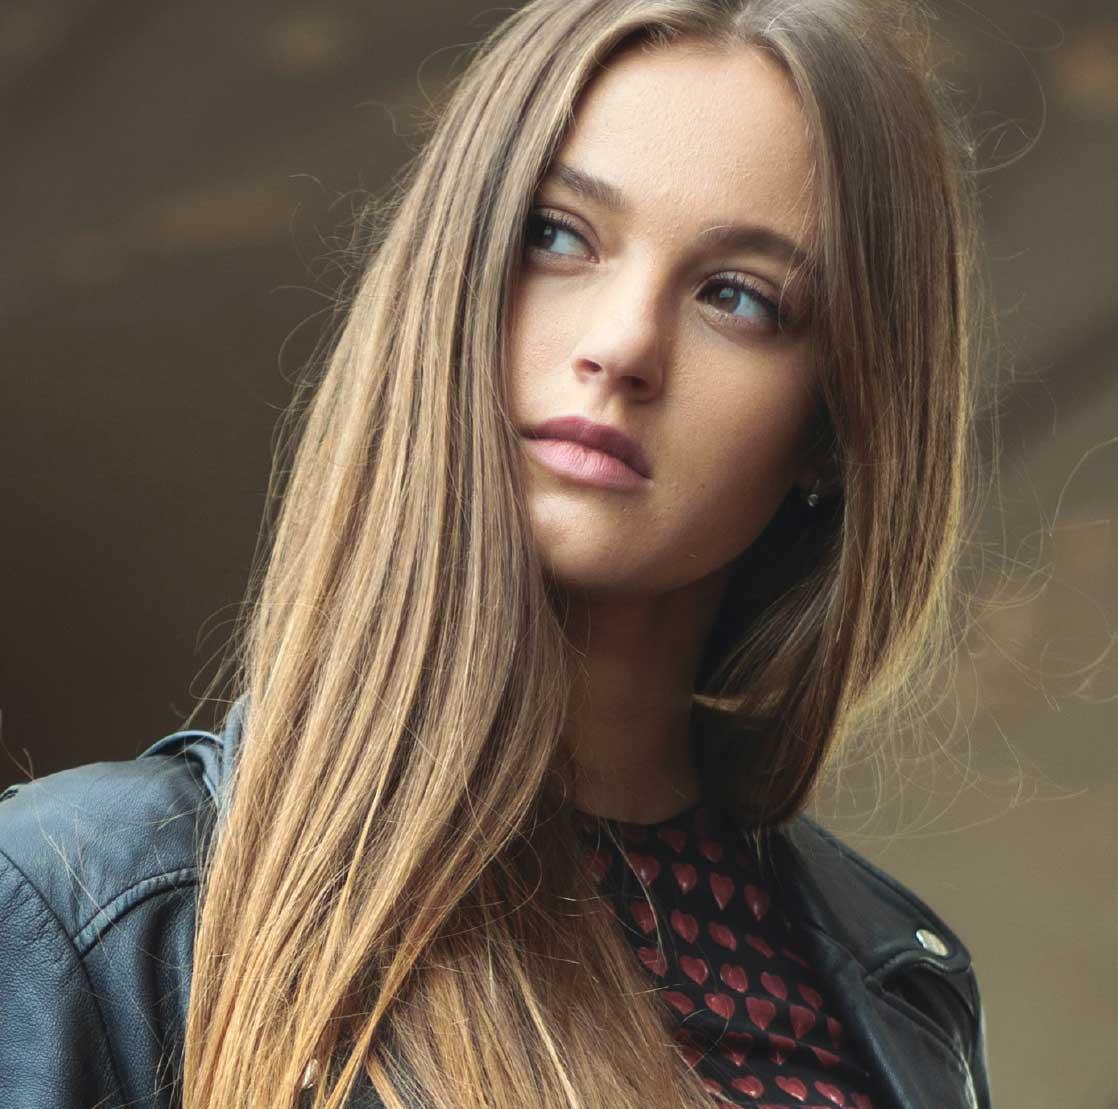 profesionalni tretman za smeđu kosu